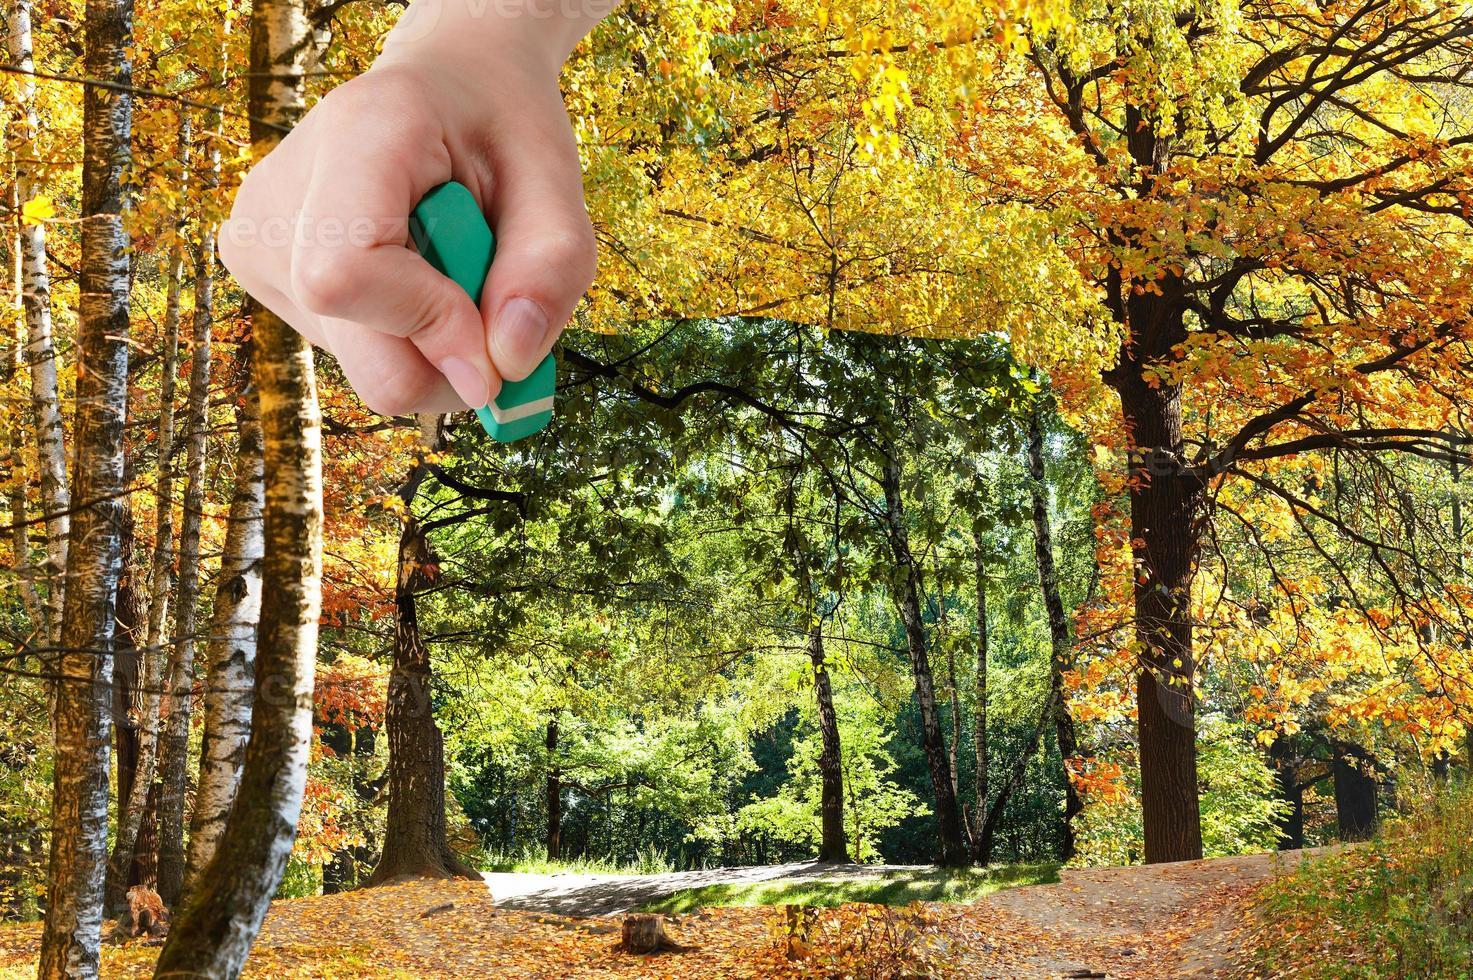 apagador apaga verão e madeiras de outono estão aparecendo foto